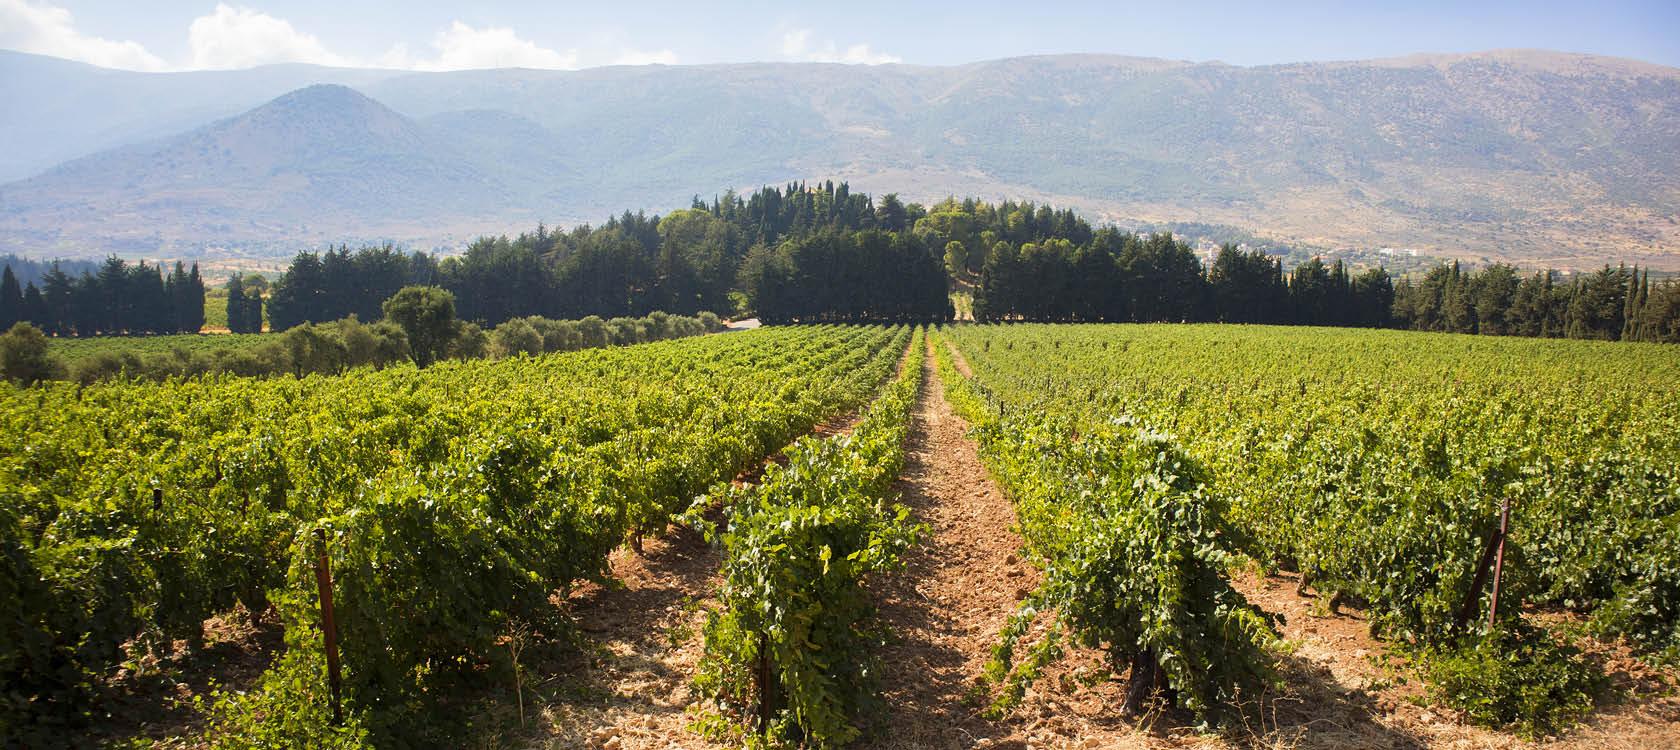 Gr�na vinmarker i Libanon.